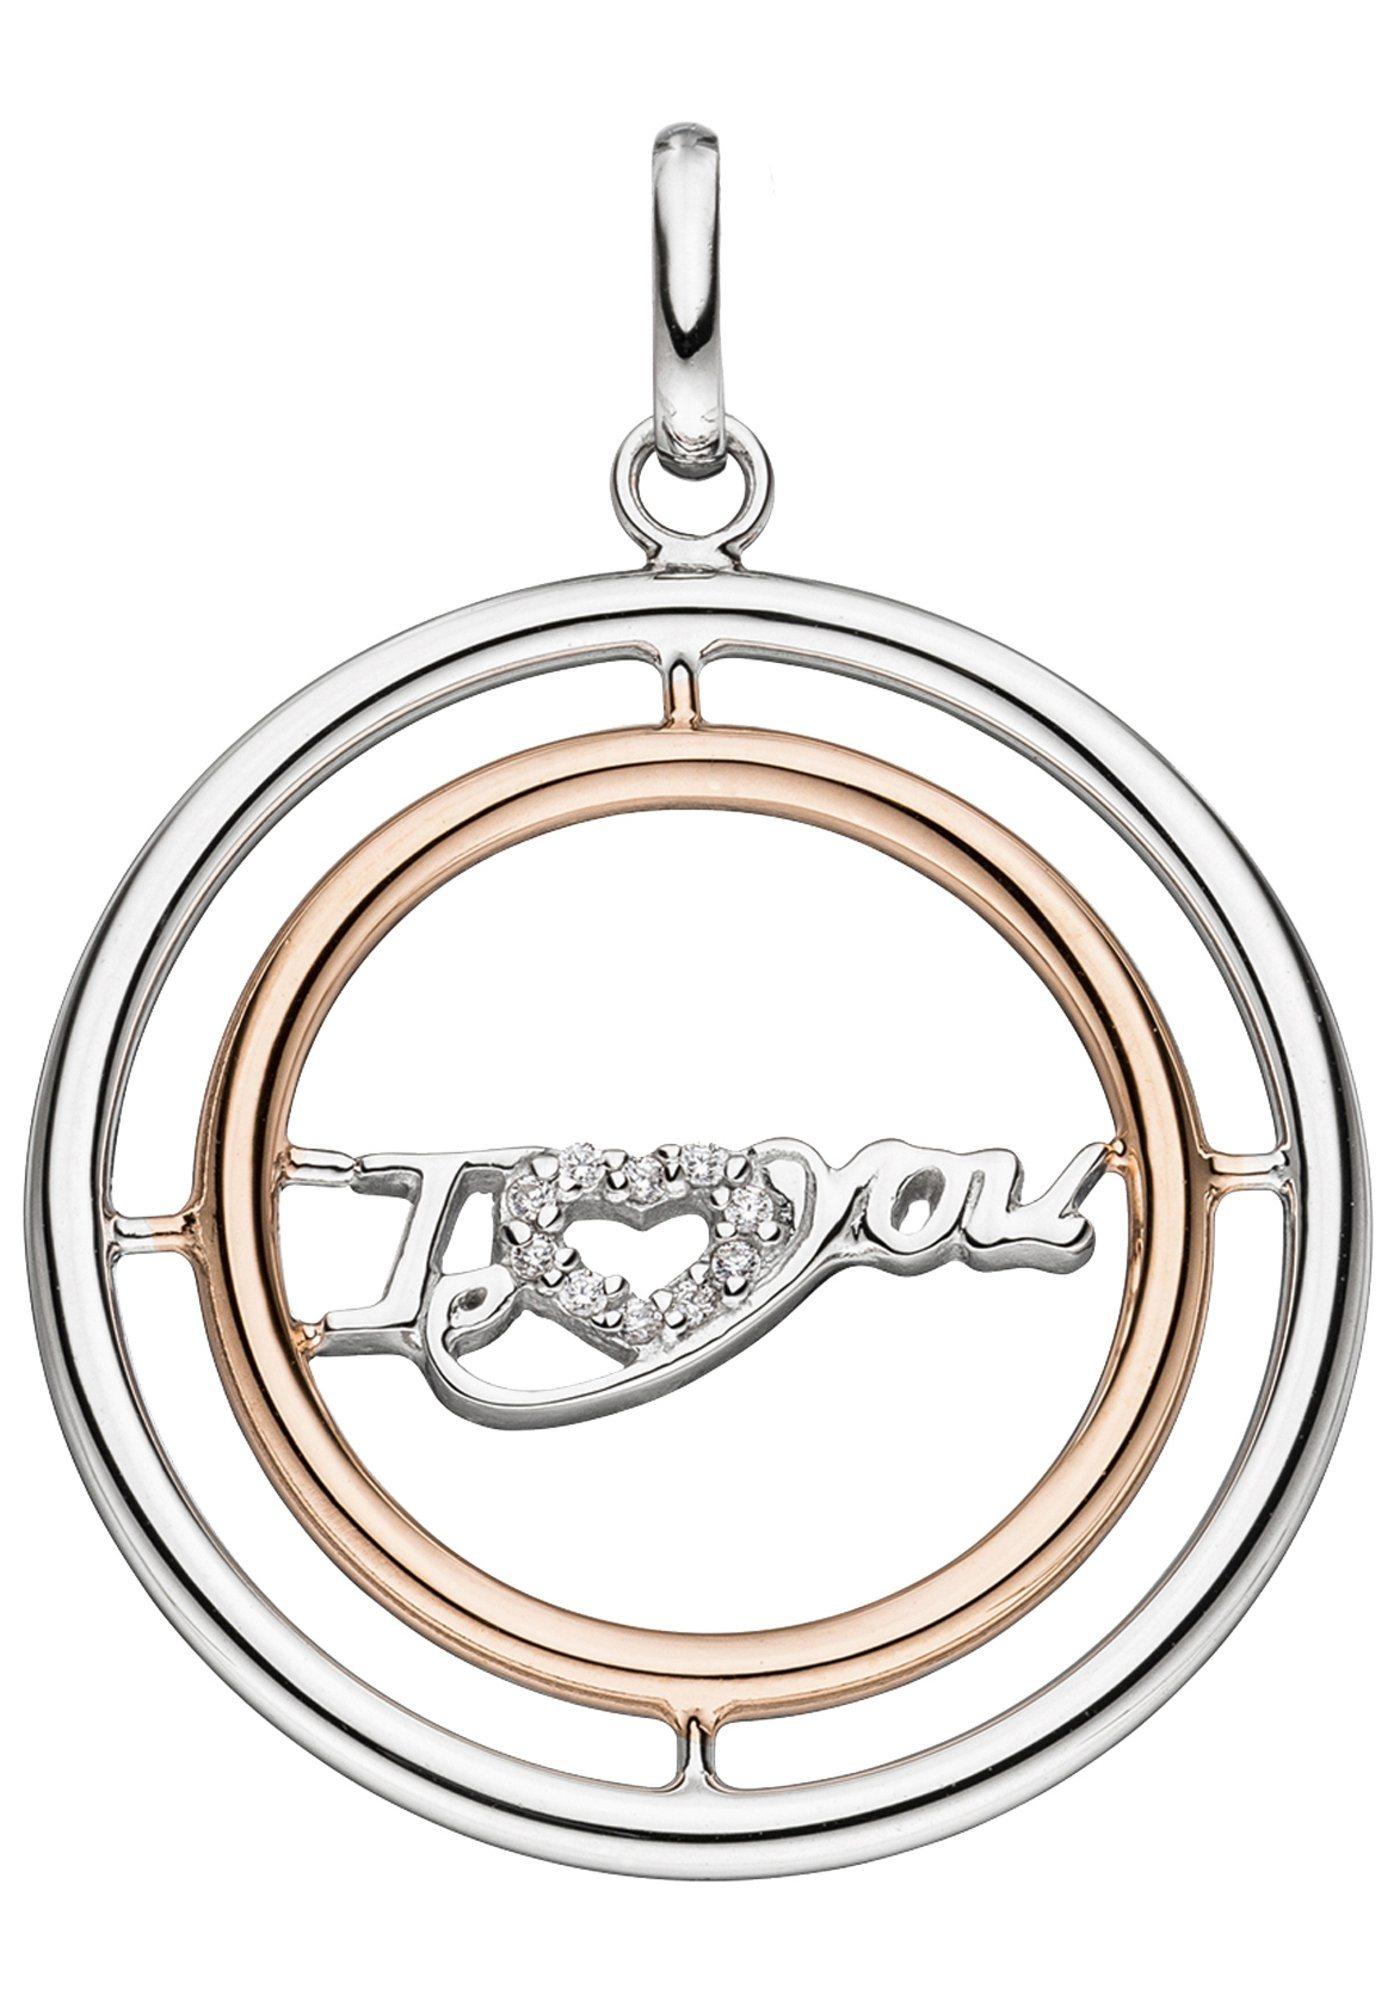 JOBO Kettenanhänger »I Love You«, 925 Silber roségold vergoldet bicolor mit Zirkonia | Schmuck > Halsketten > Ketten ohne Anhänger | Silber | JOBO